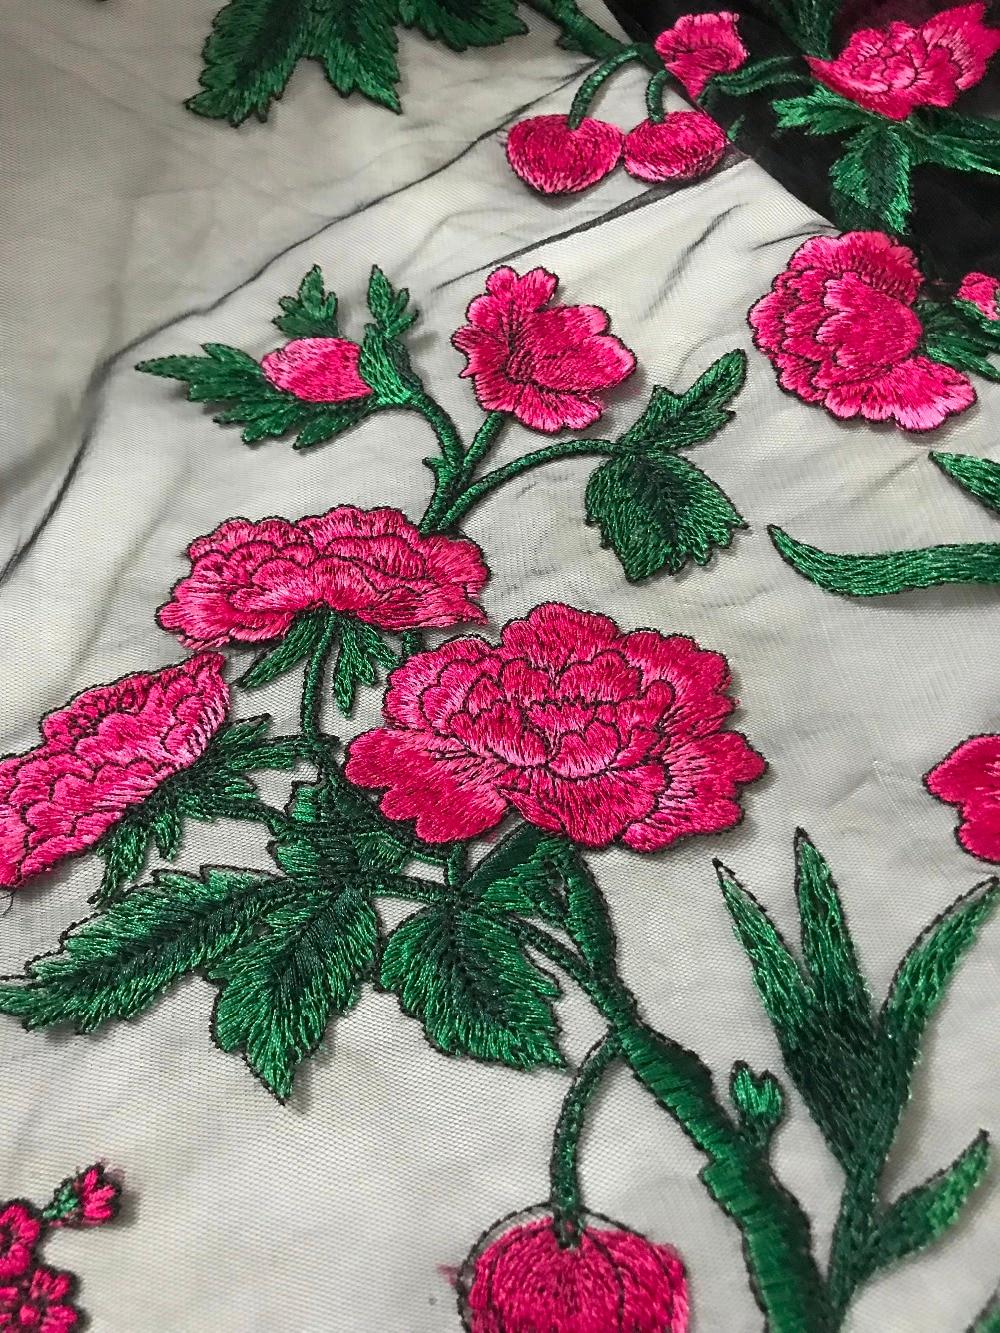 Beste kwaliteit 3d bloem geborduurde Afrikaanse Tule Kant Stof mode sat 51144 Afrikaanse Franse Kant Stof met borduurwerk-in Kant van Huis & Tuin op  Groep 3